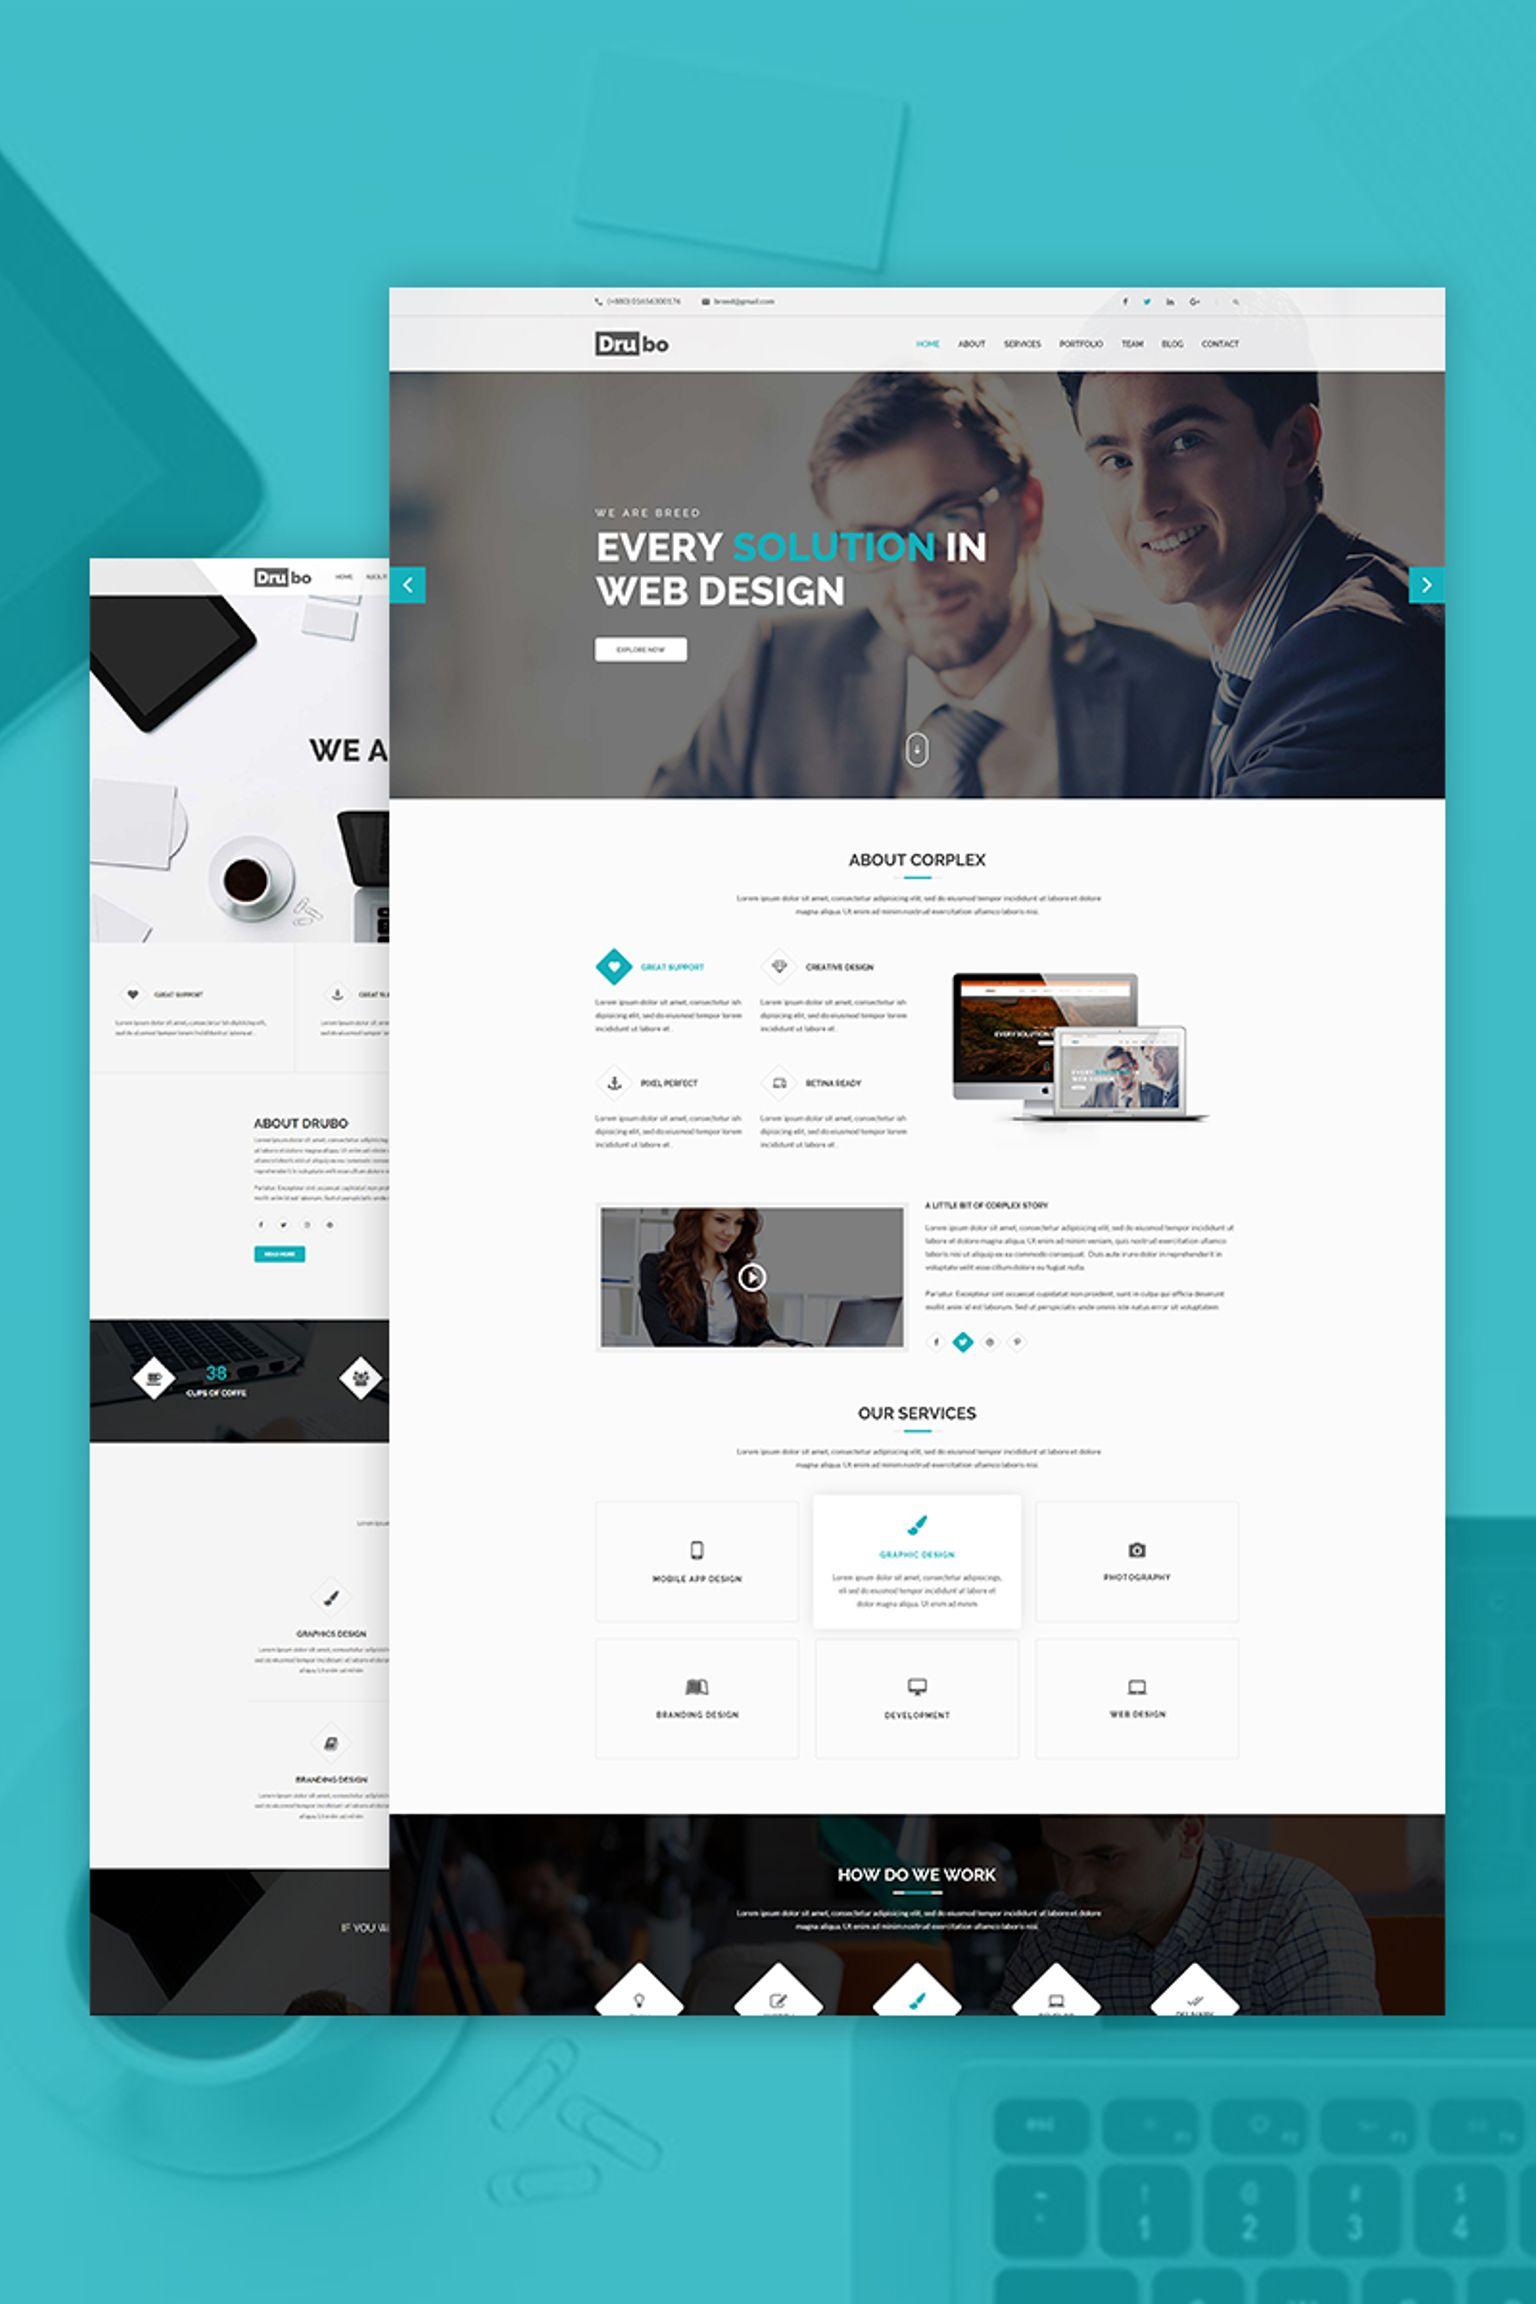 Responsywny motyw WordPress Drubo - Corporate #67246 - zrzut ekranu